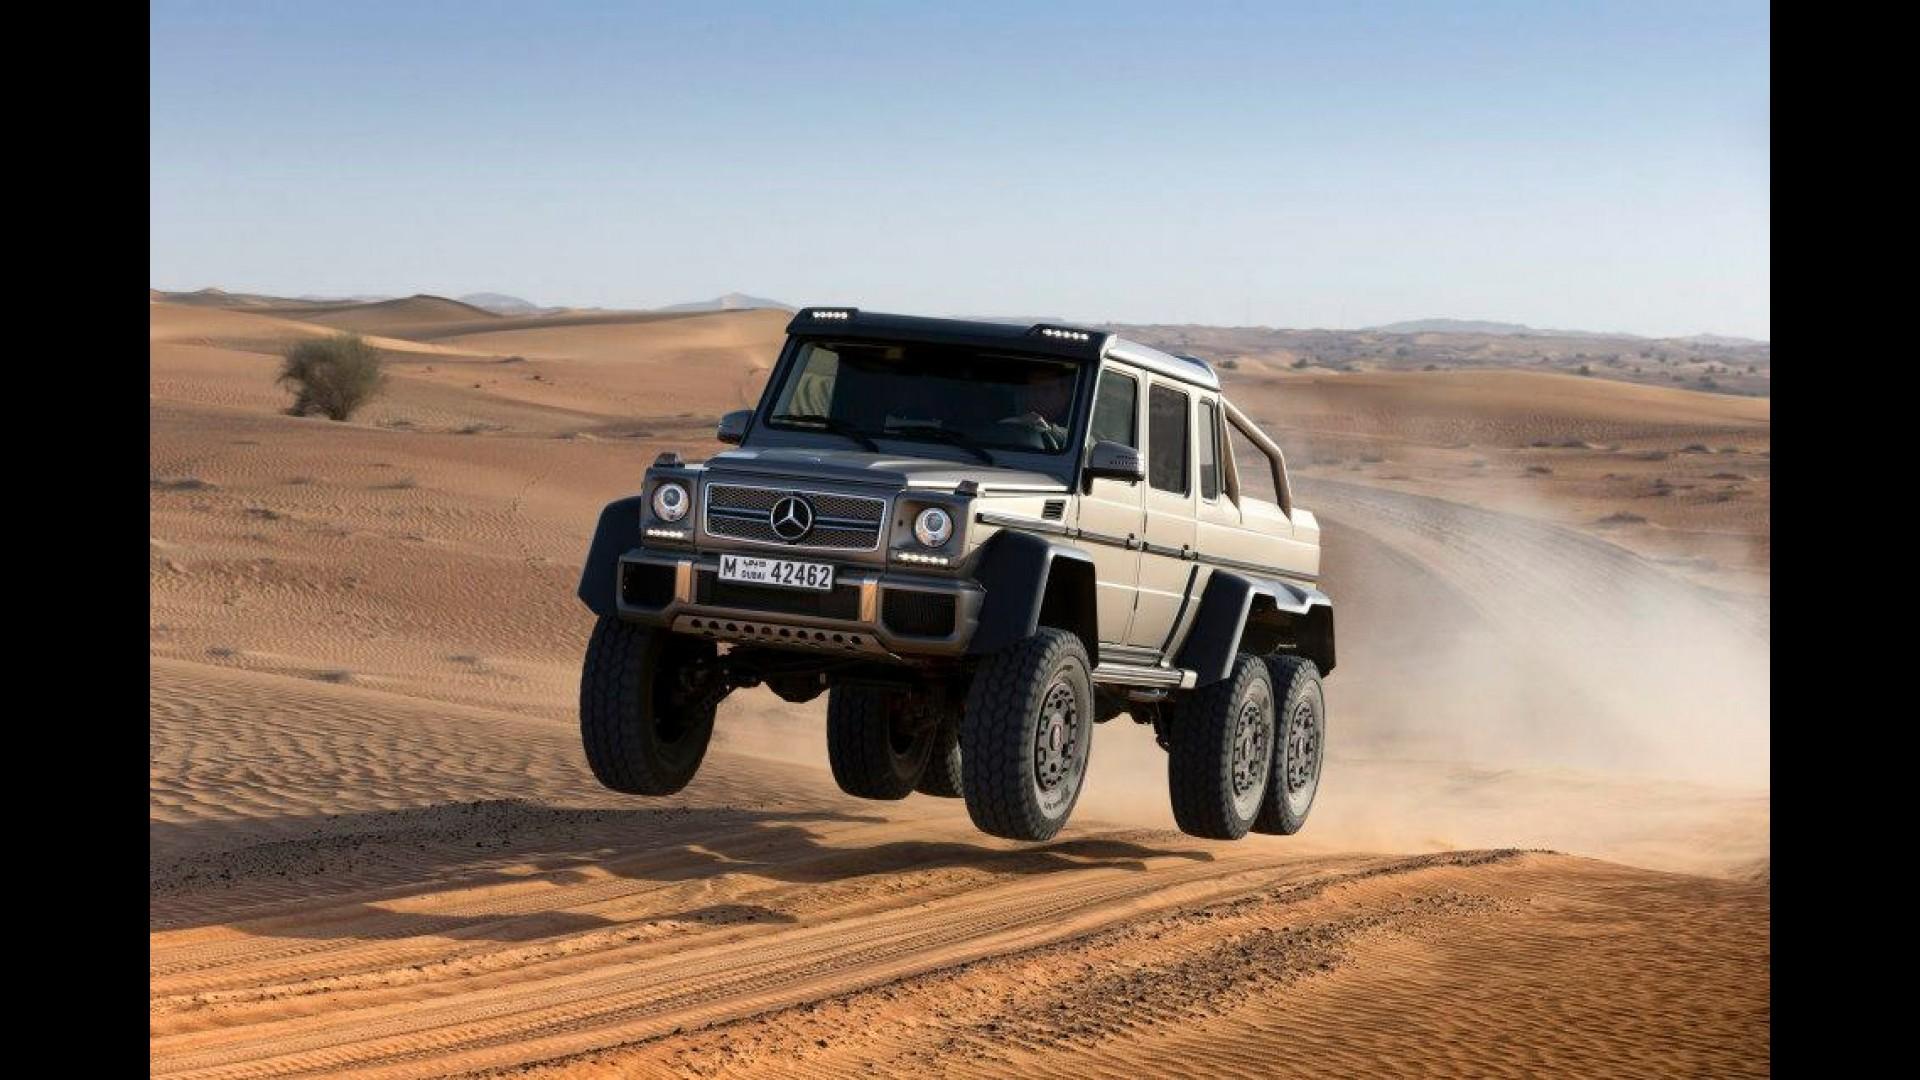 Mercedes Benz Confirma Producao Do Monstruoso G63 Amg 6x6